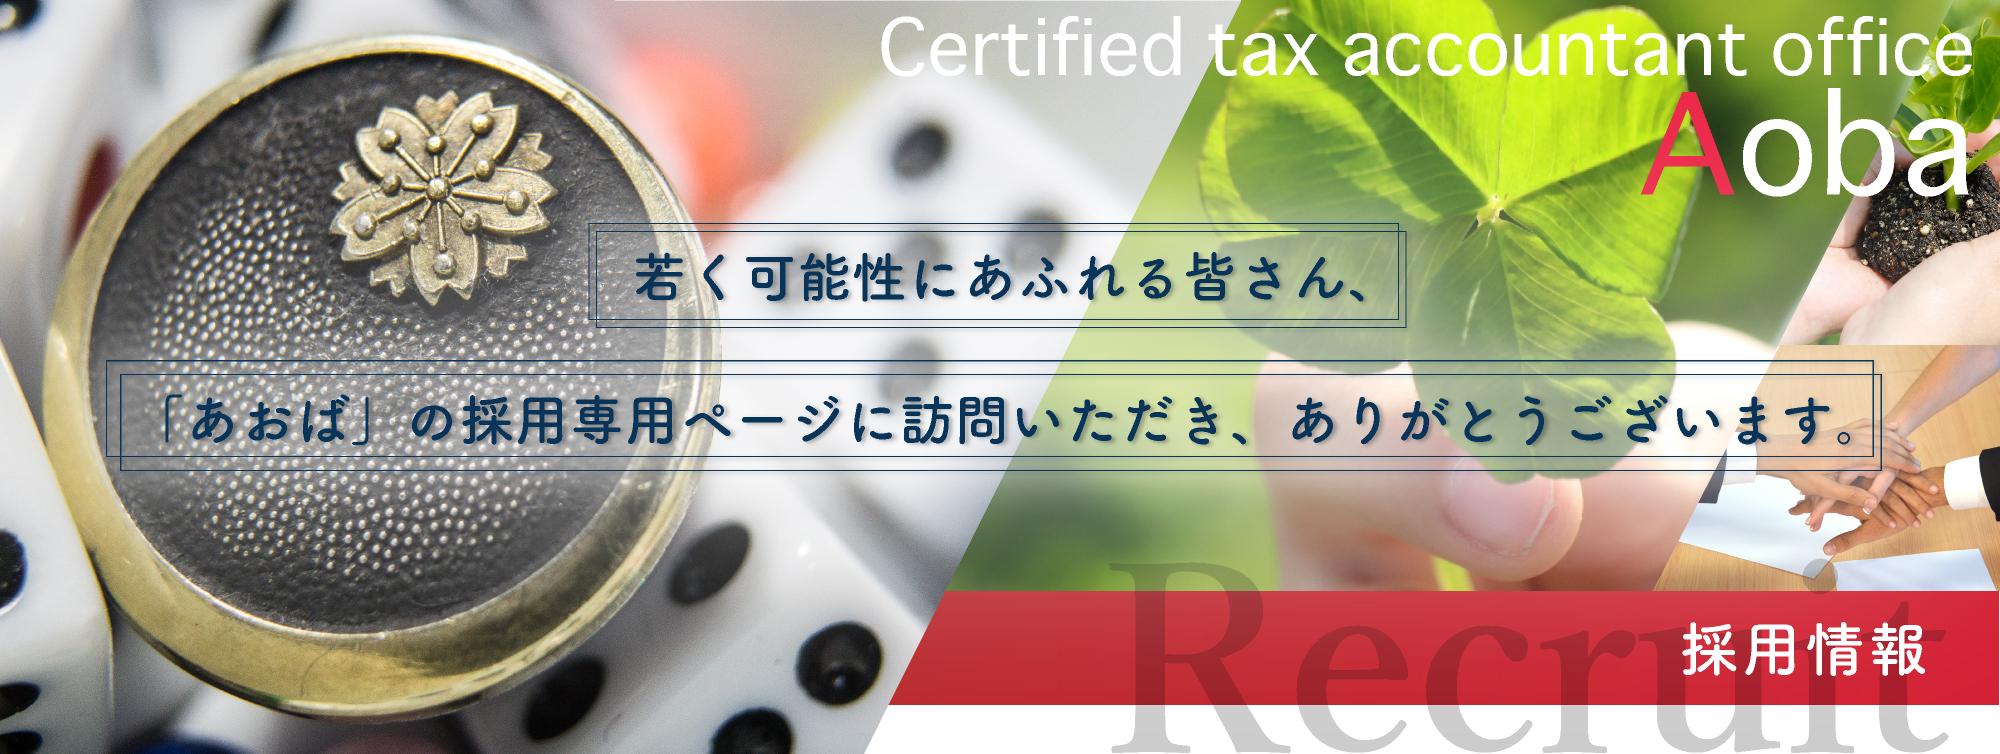 税理士法人あおばのトップメインの画像